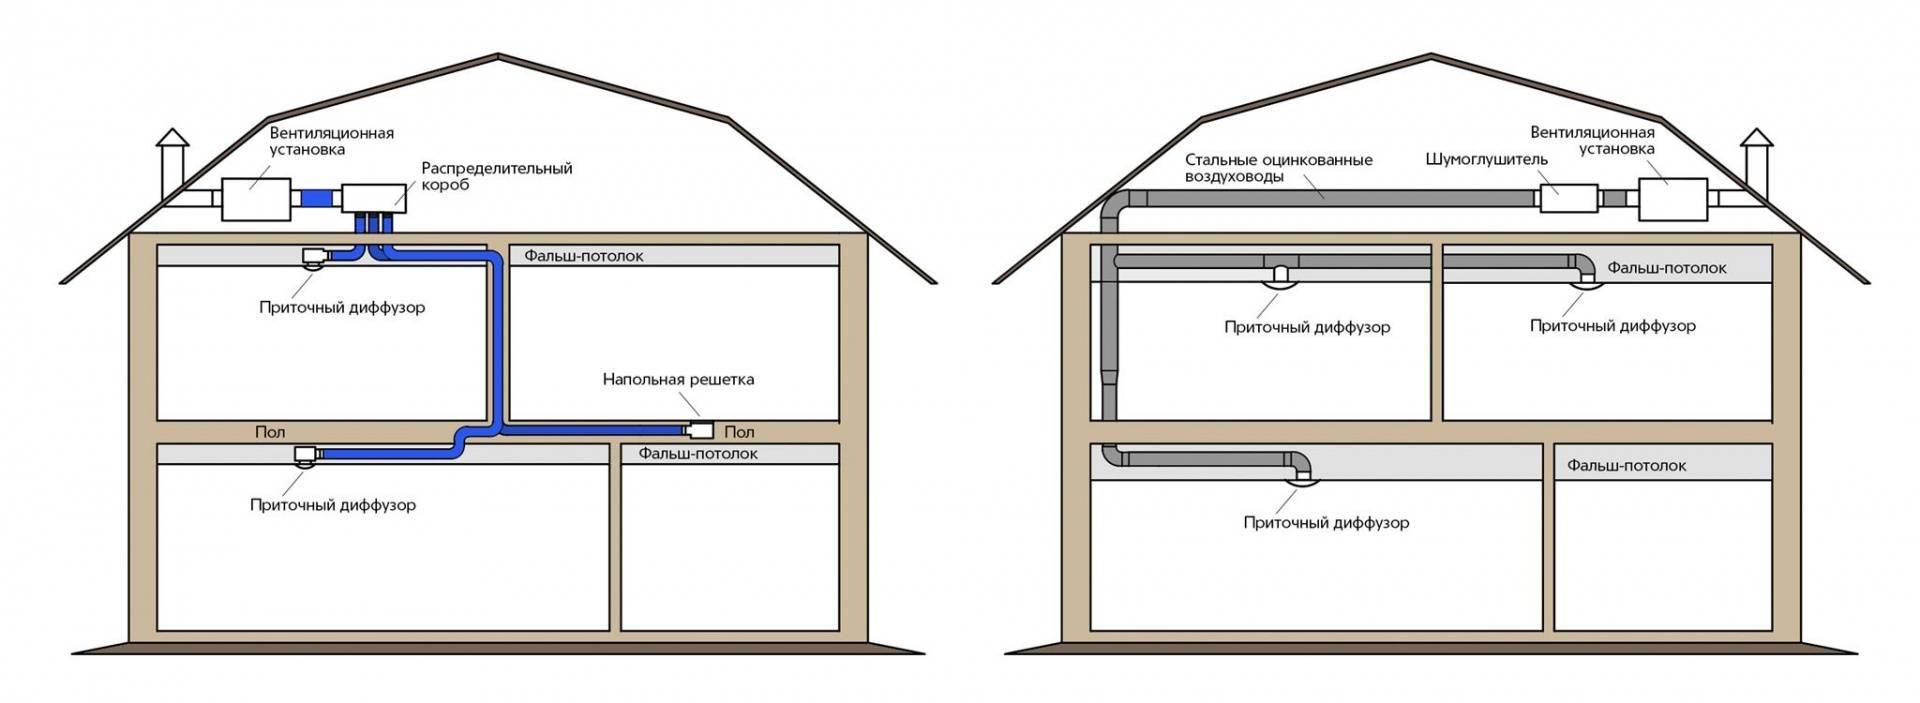 Системы вентиляции: основные параметры и типы